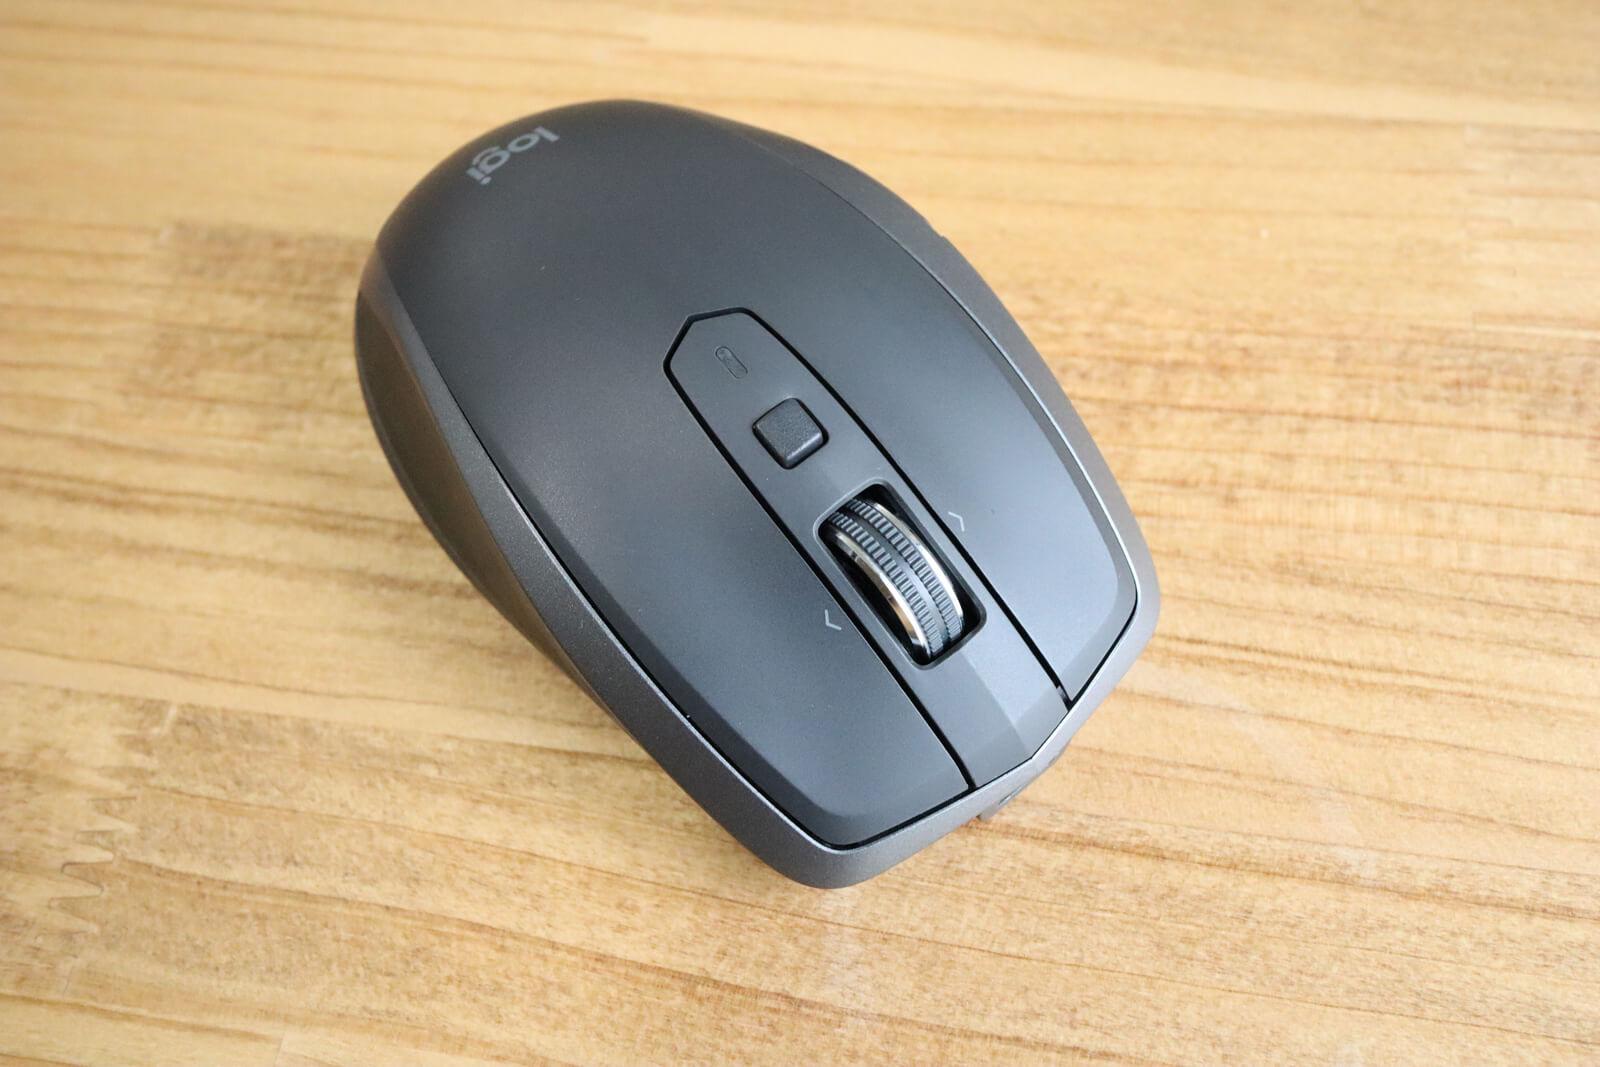 マウス前面には左右のクリックとホイール、ジェスチャーボタンがついています